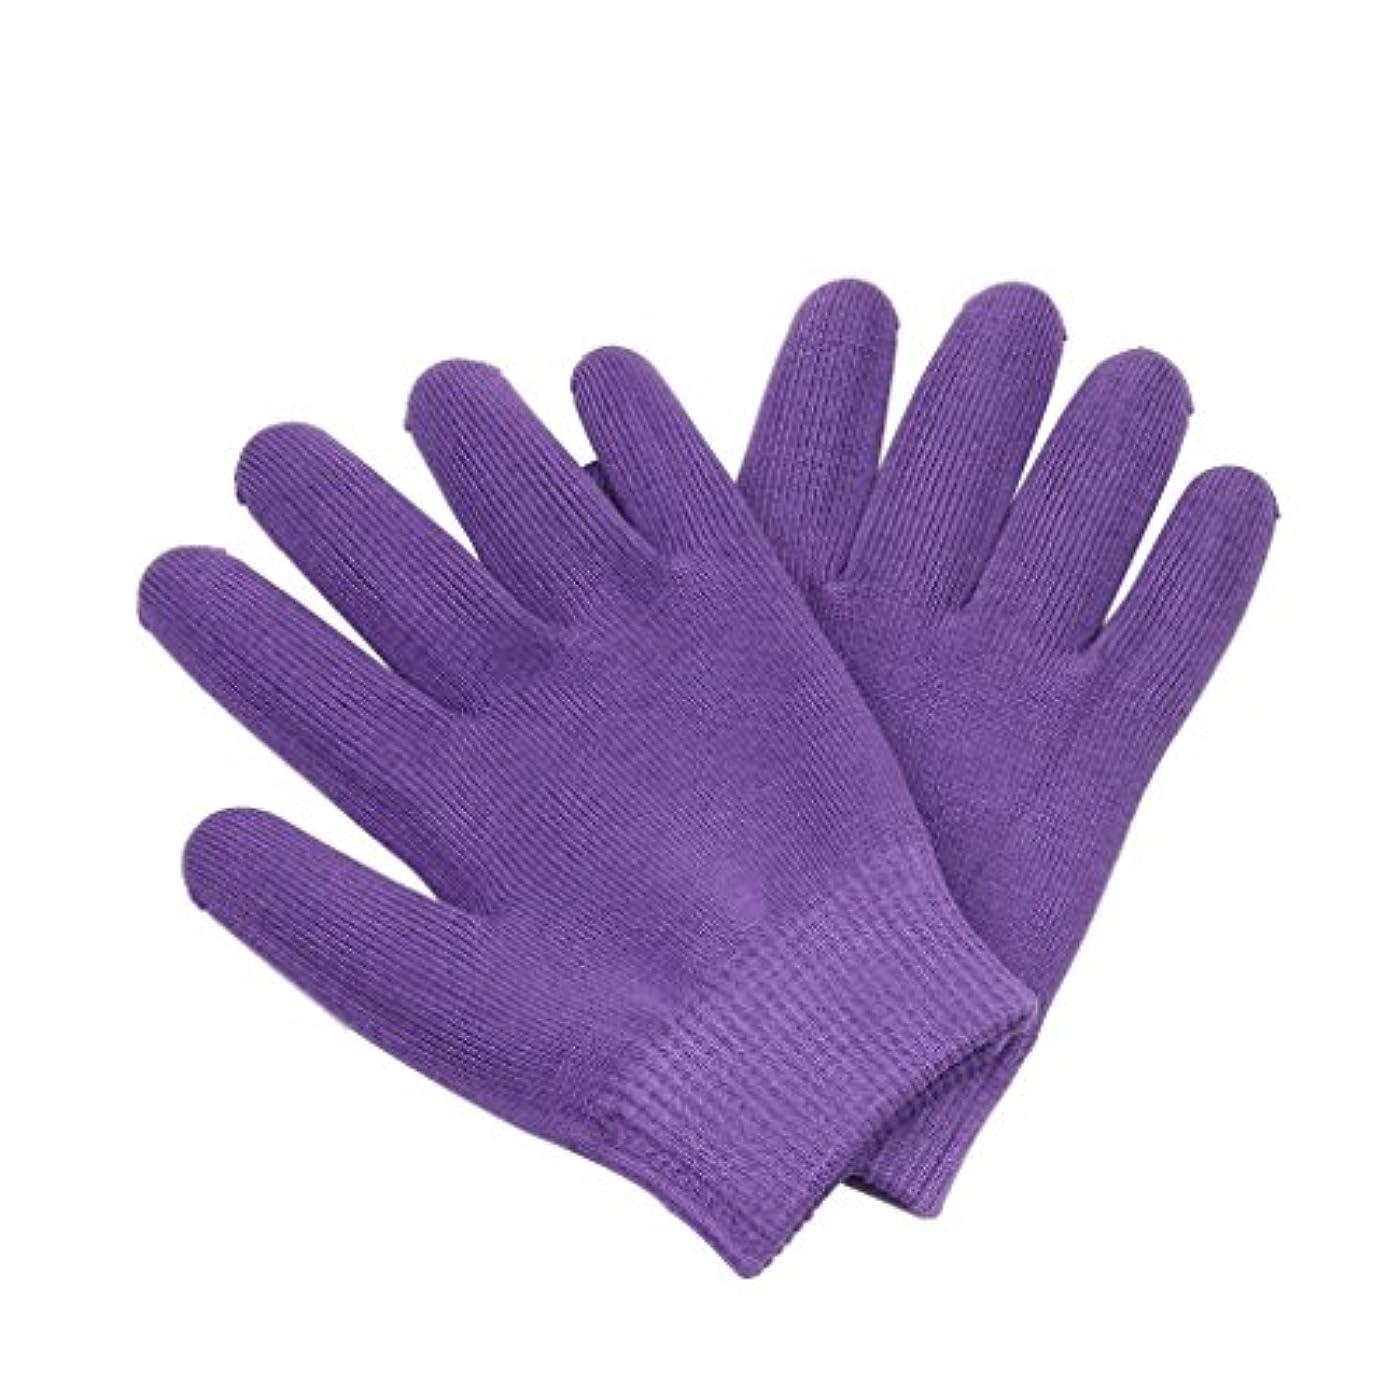 変色する付与旅保湿手袋 おやすみ手袋 就寝用 手袋 手湿疹 肌荒れ 乾燥防止 乾燥肌 手荒れ 保湿 スキンケア 全3色選べ - 紫